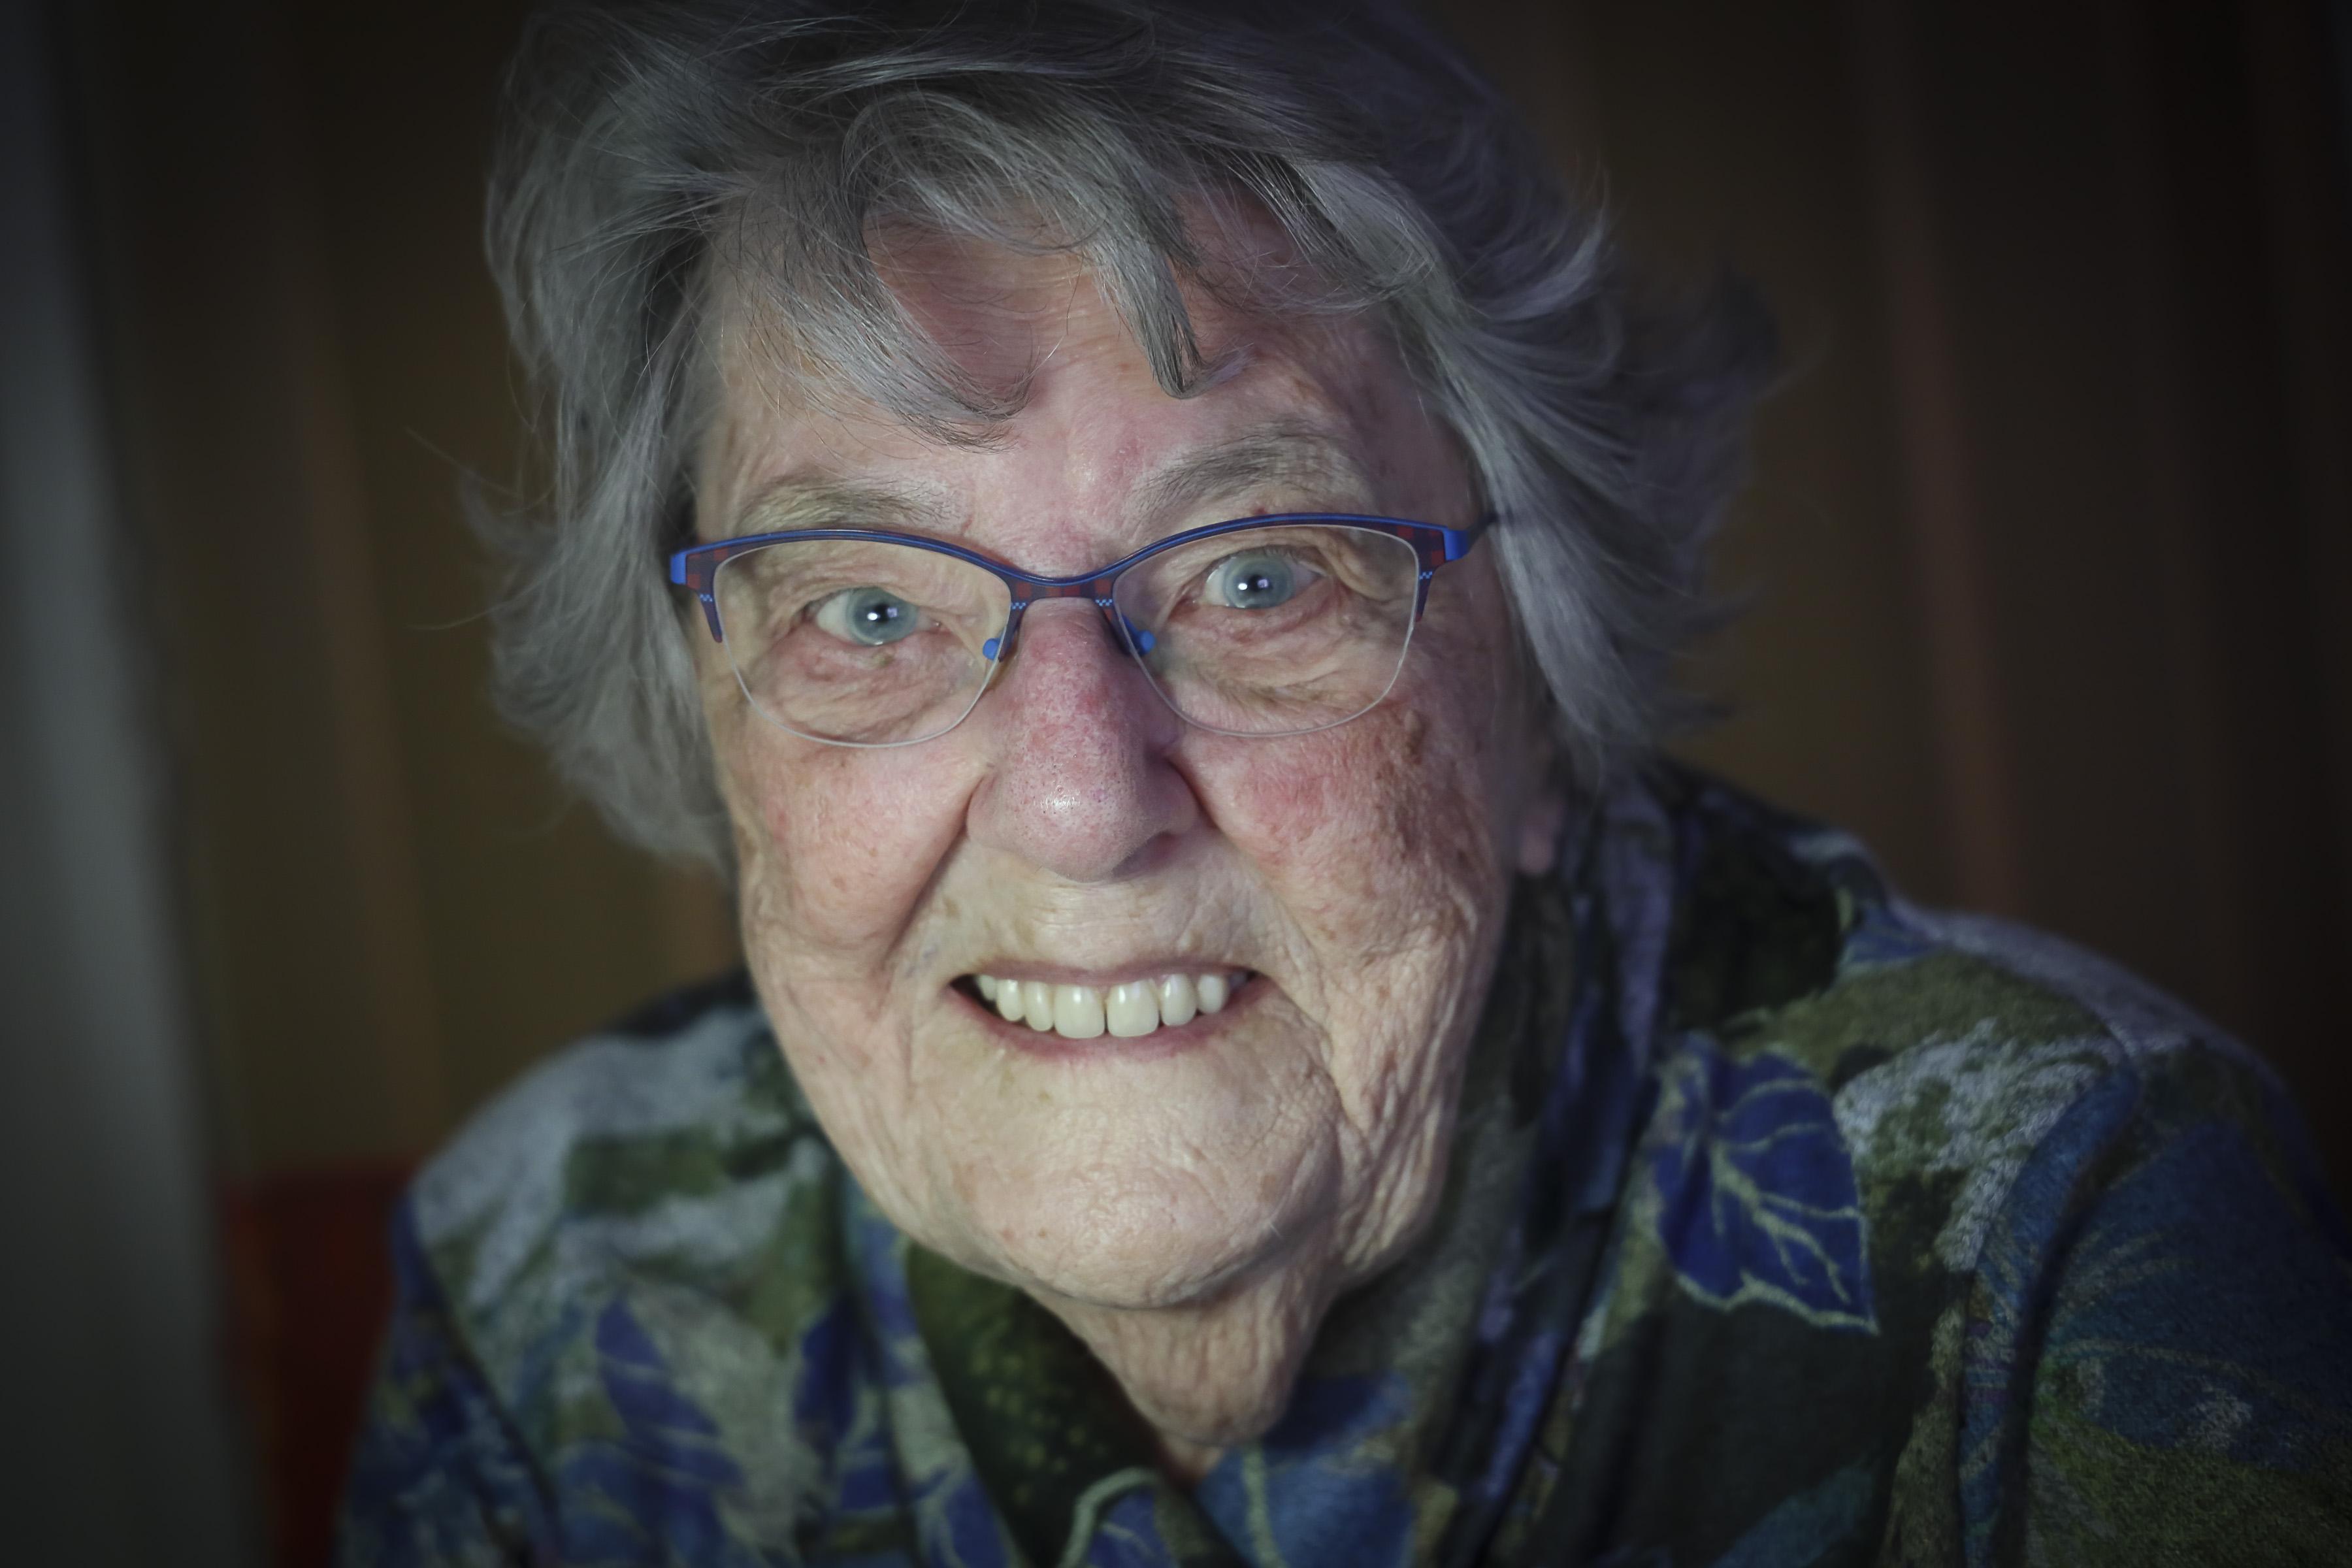 West-Friese Willy Bakker-Laan staat al honderd jaar positief in het leven. Haar geheim: 'Go with the flow!'